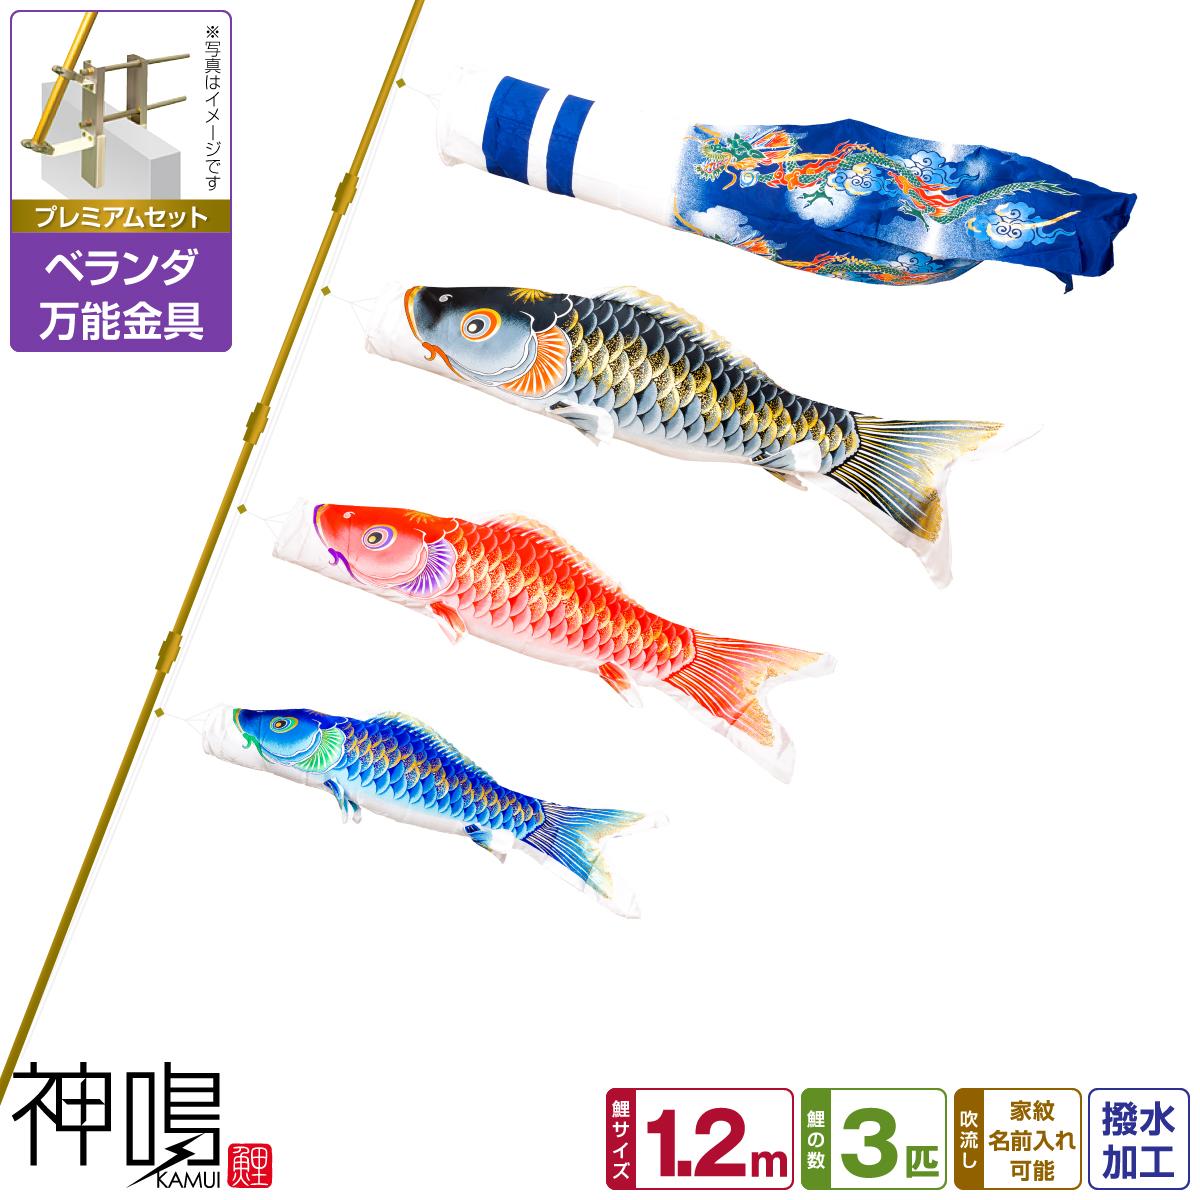 ベランダ用 鯉のぼり 神鳴鯉-KAMUI- 1.2m 6点(吹流し+鯉3匹+矢車+ロープ)/プレミアムセット(万能取付金具)